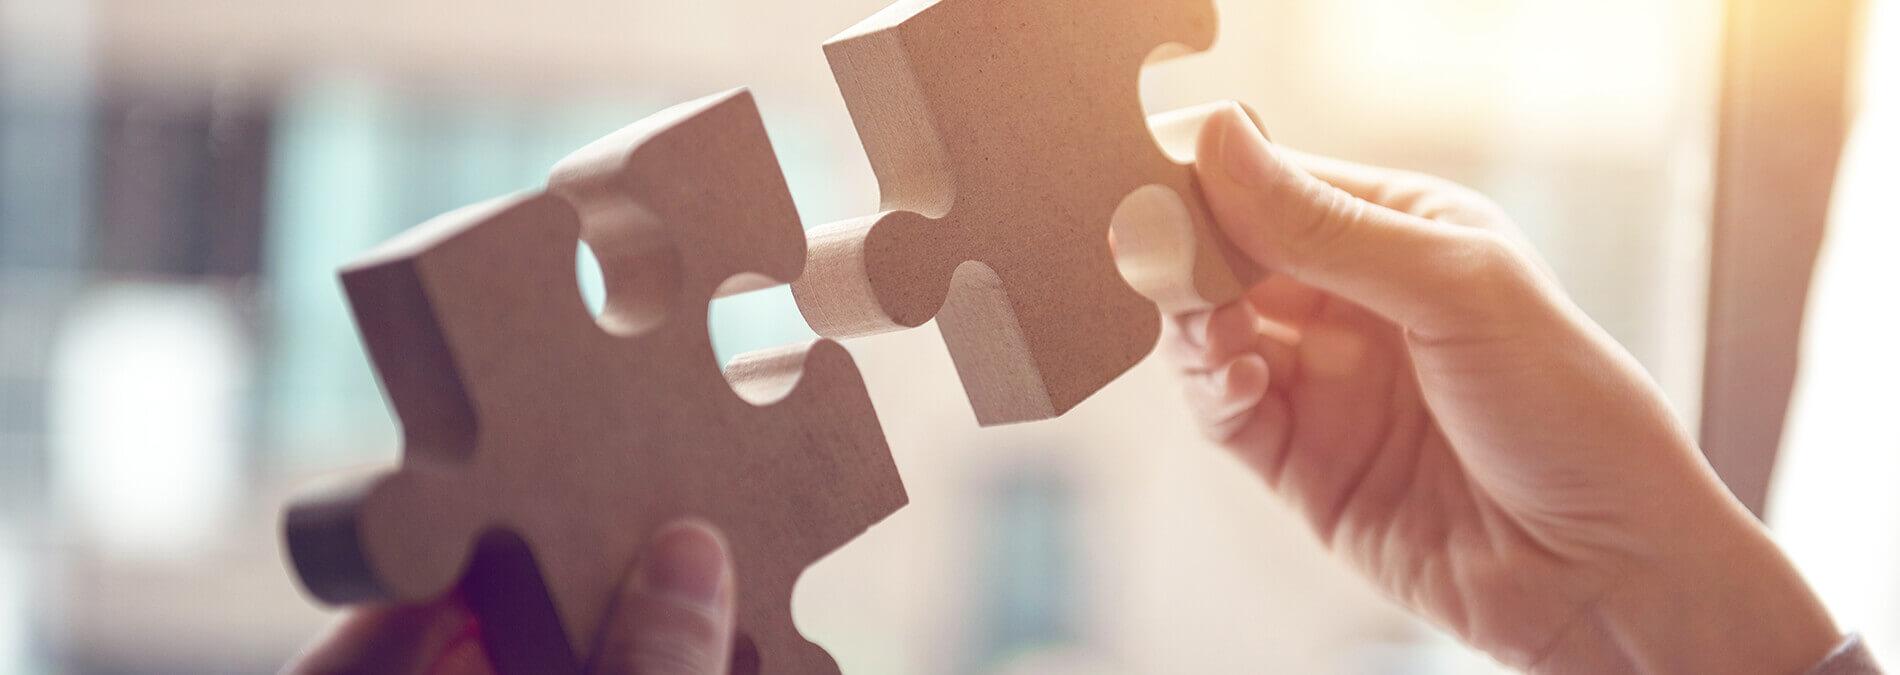 enformer Sektorenkopplung Hand hält zwei passende Puzzleteile